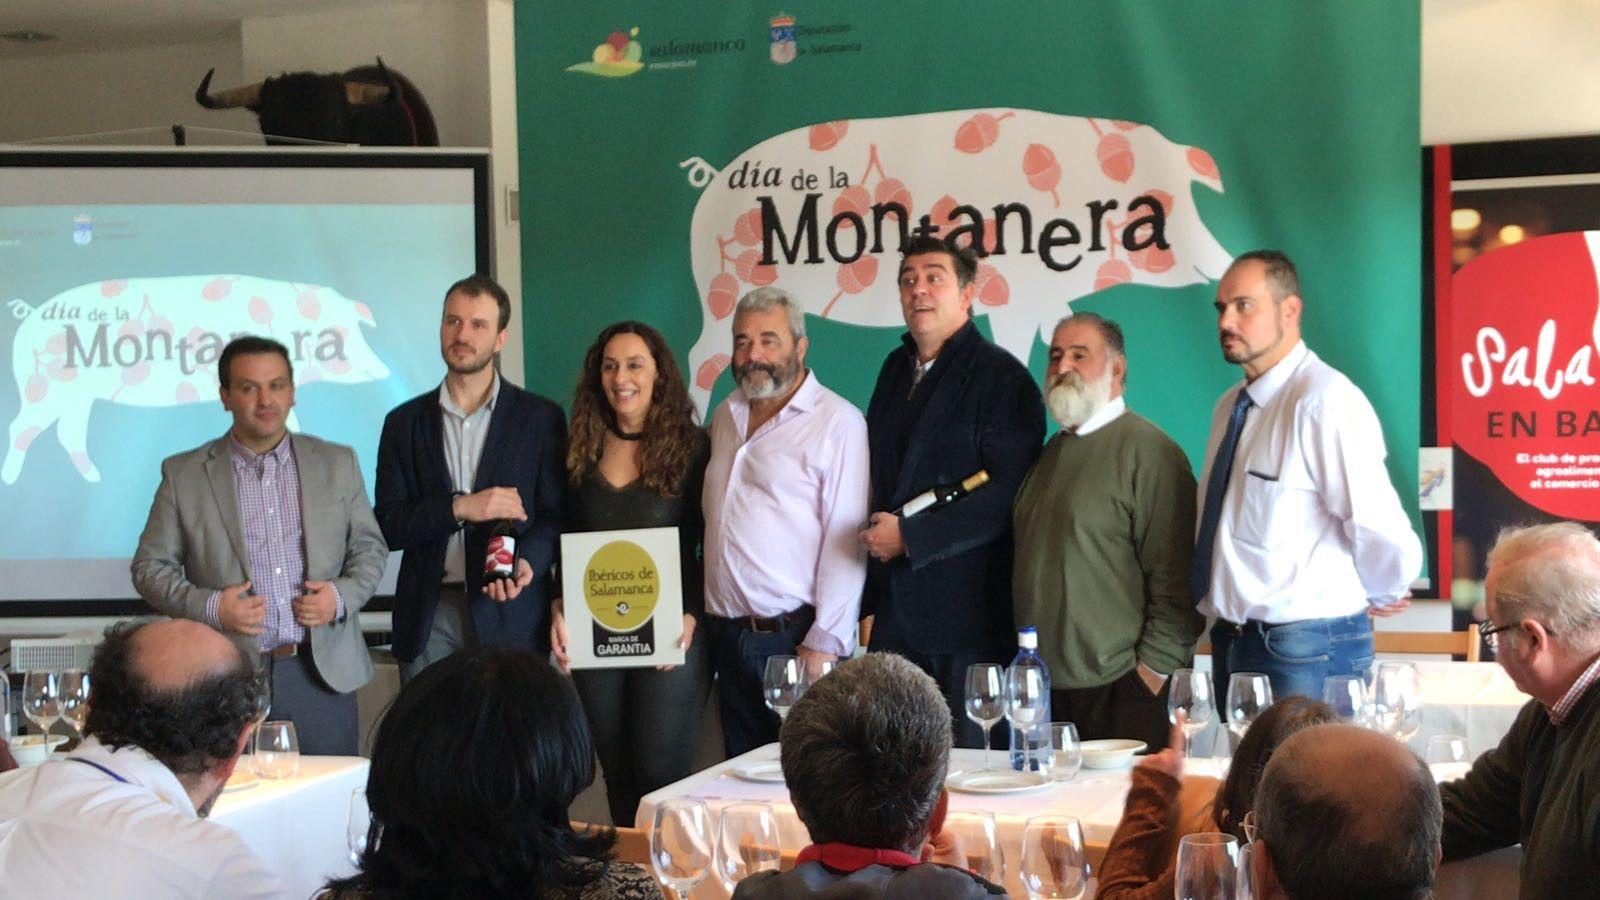 Du00eda de la Montanera 3